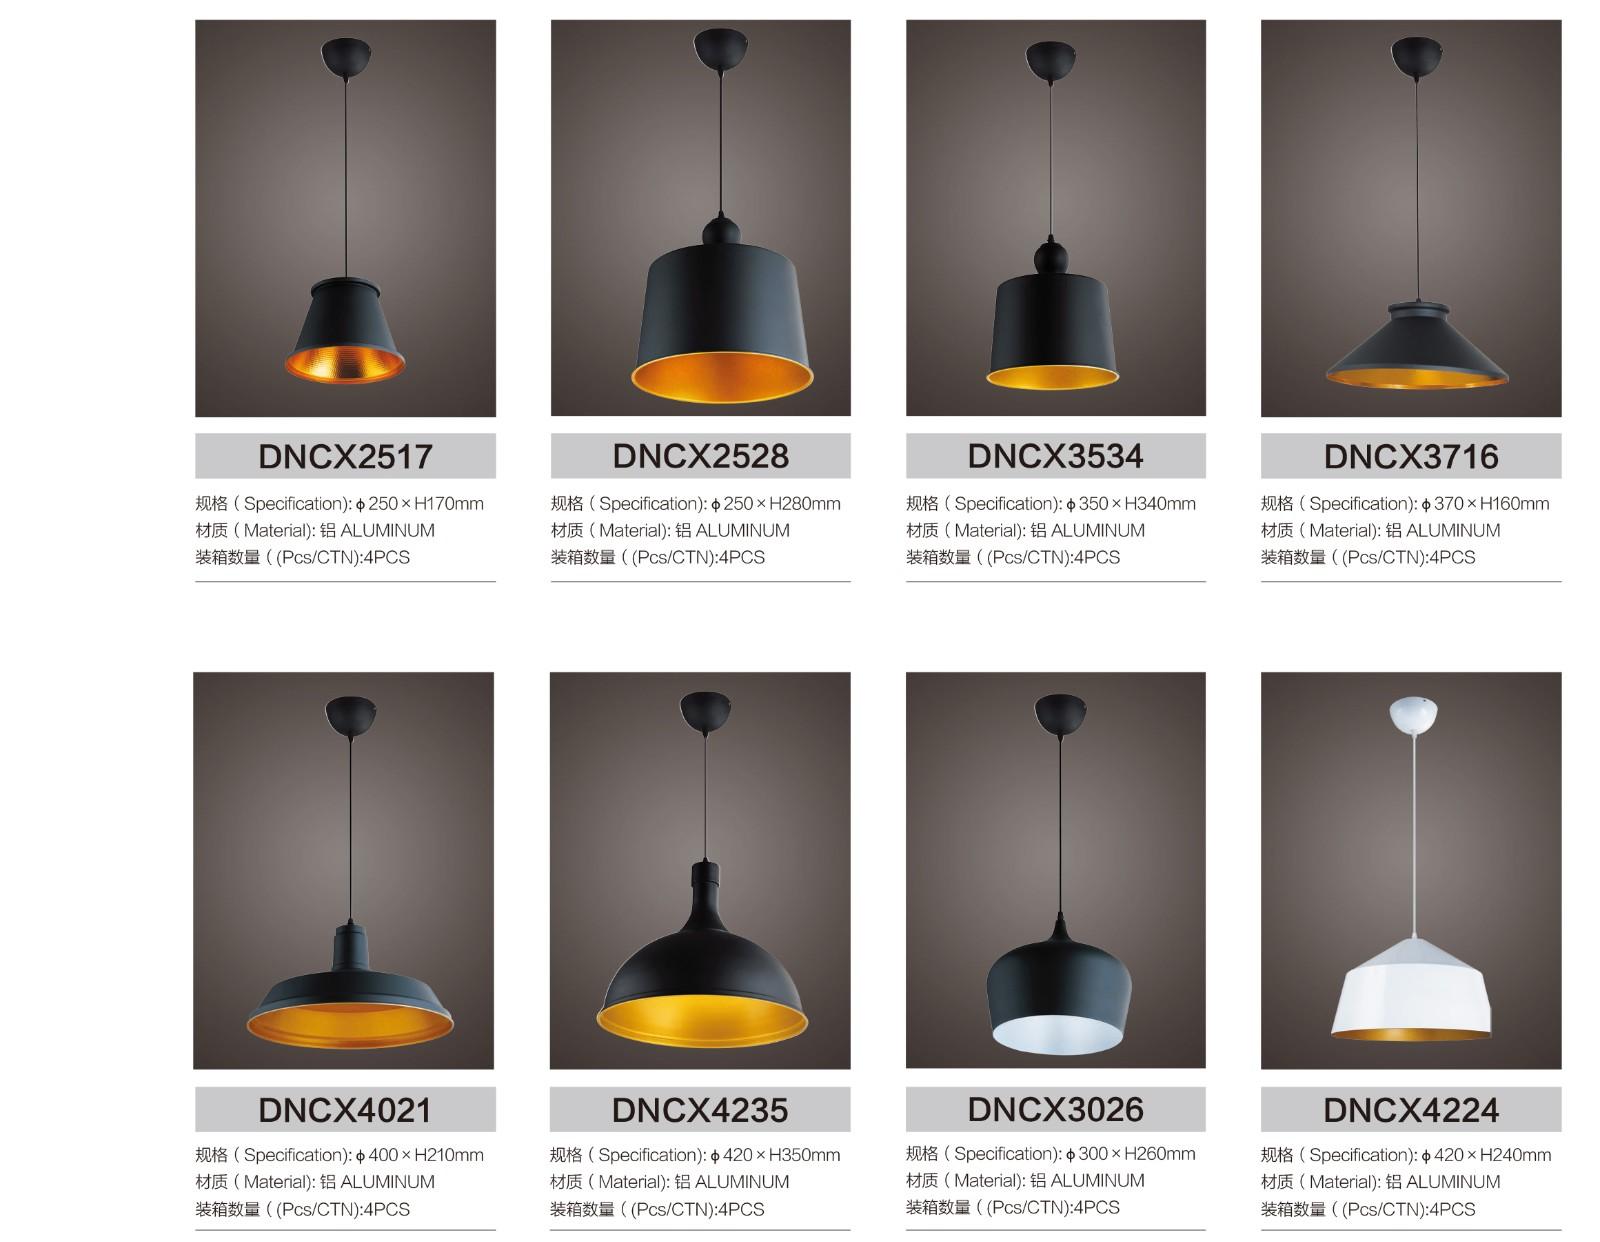 餐吊灯|餐吊灯-佛山市南海区东南灯饰照明有限公司